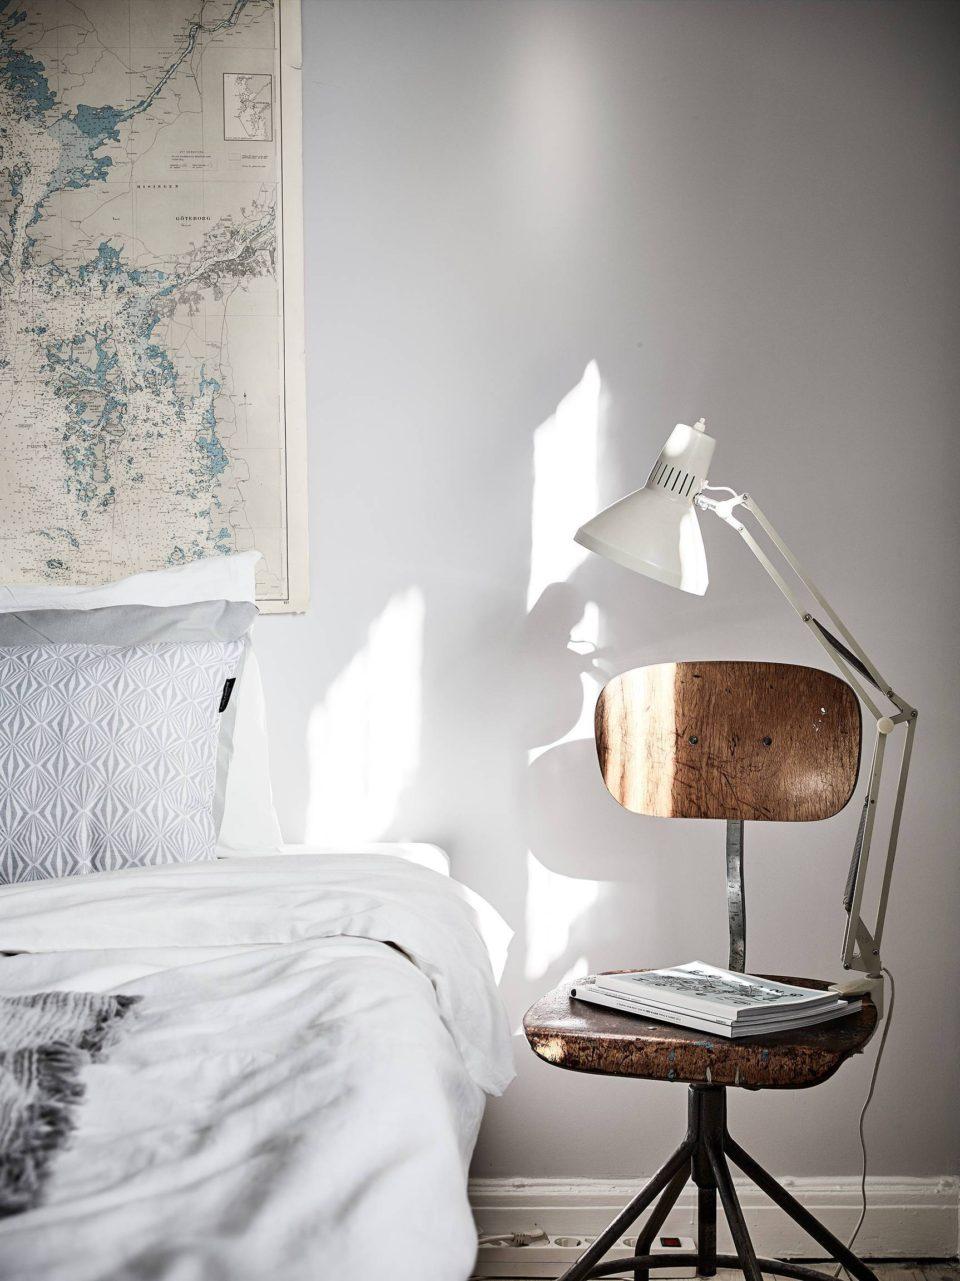 мебель в спальне, прикроватная тумбочка, декор, дизайн интерьера, спальня